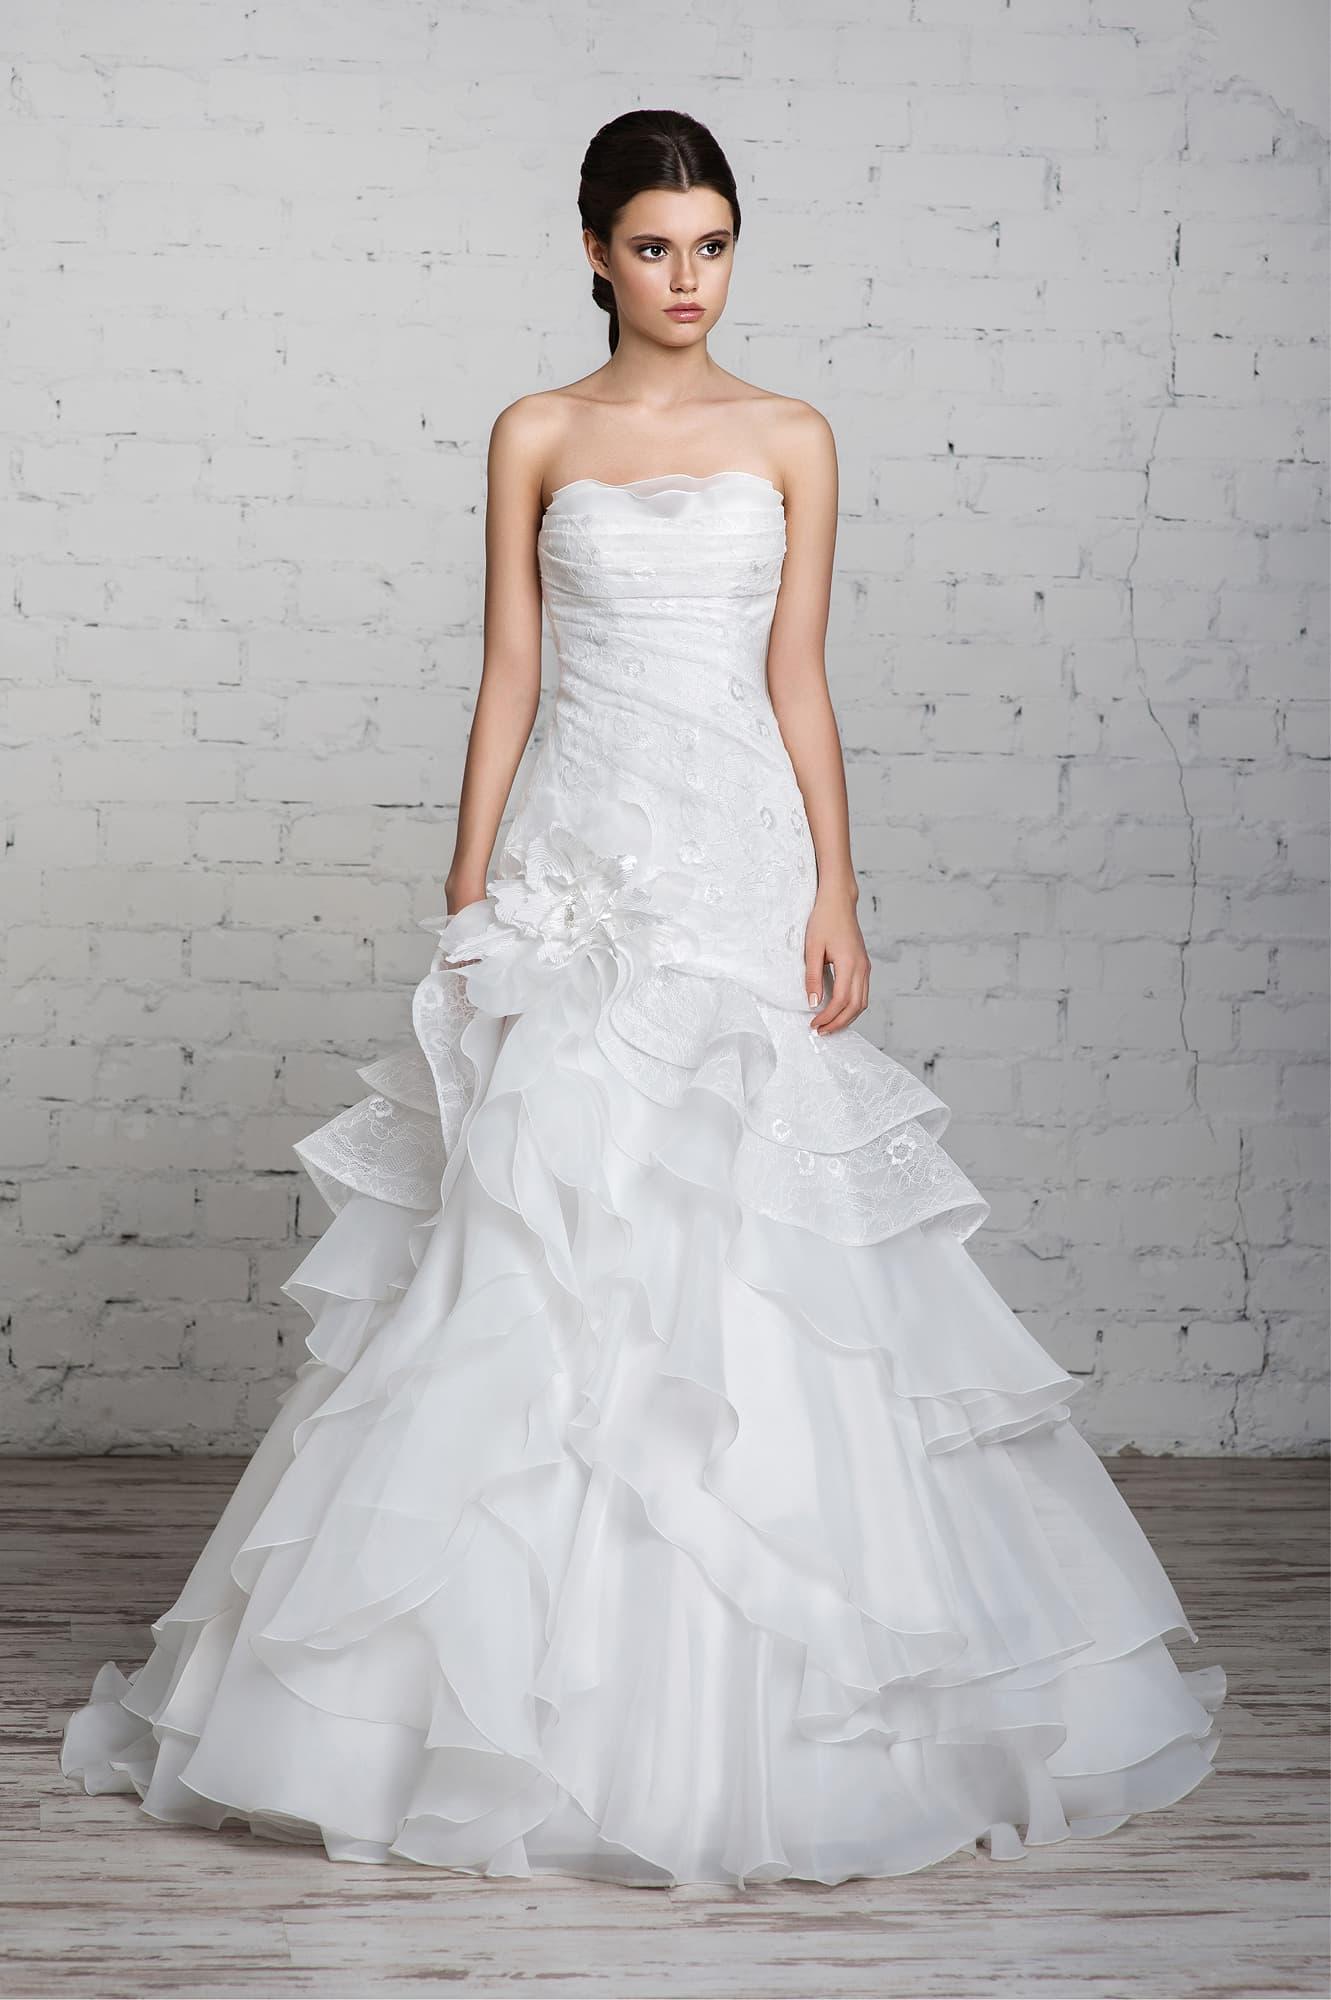 Свадебное платье «принцесса» с заниженной линией талии и крупным бутоном сбоку по подолу.